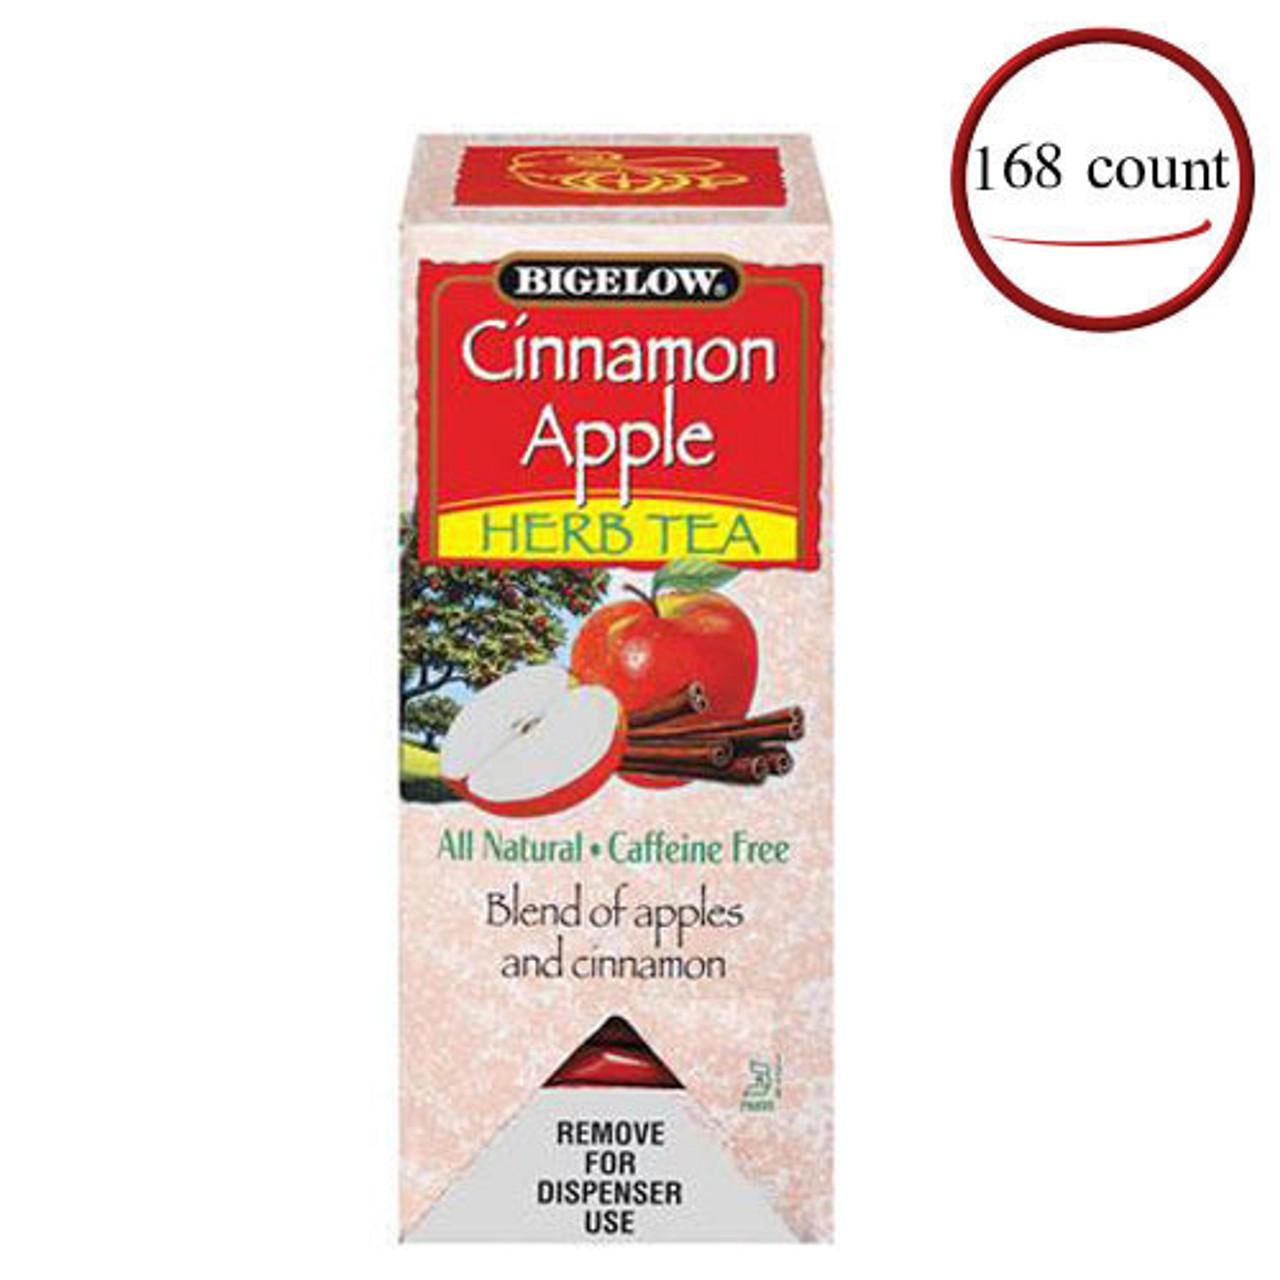 Bigelow Cinnamon Apple Herbal Tea 168 Bags